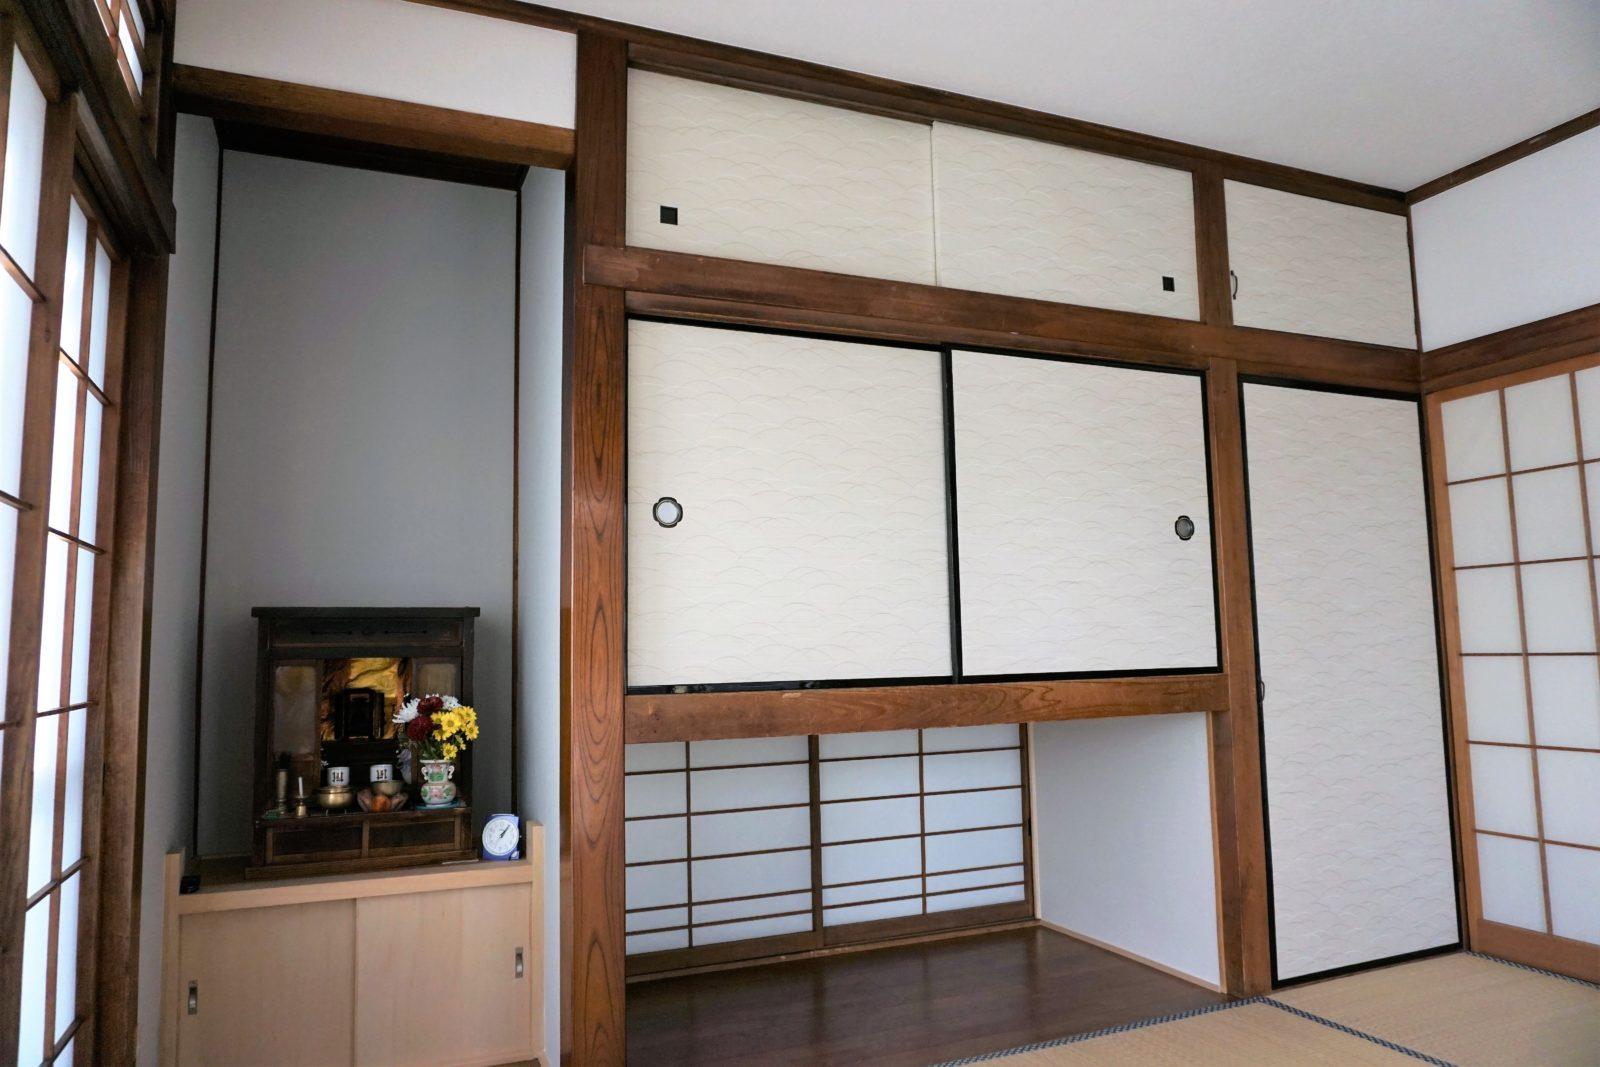 ポカピカの床板、キレイな襖で大容量収納スペース